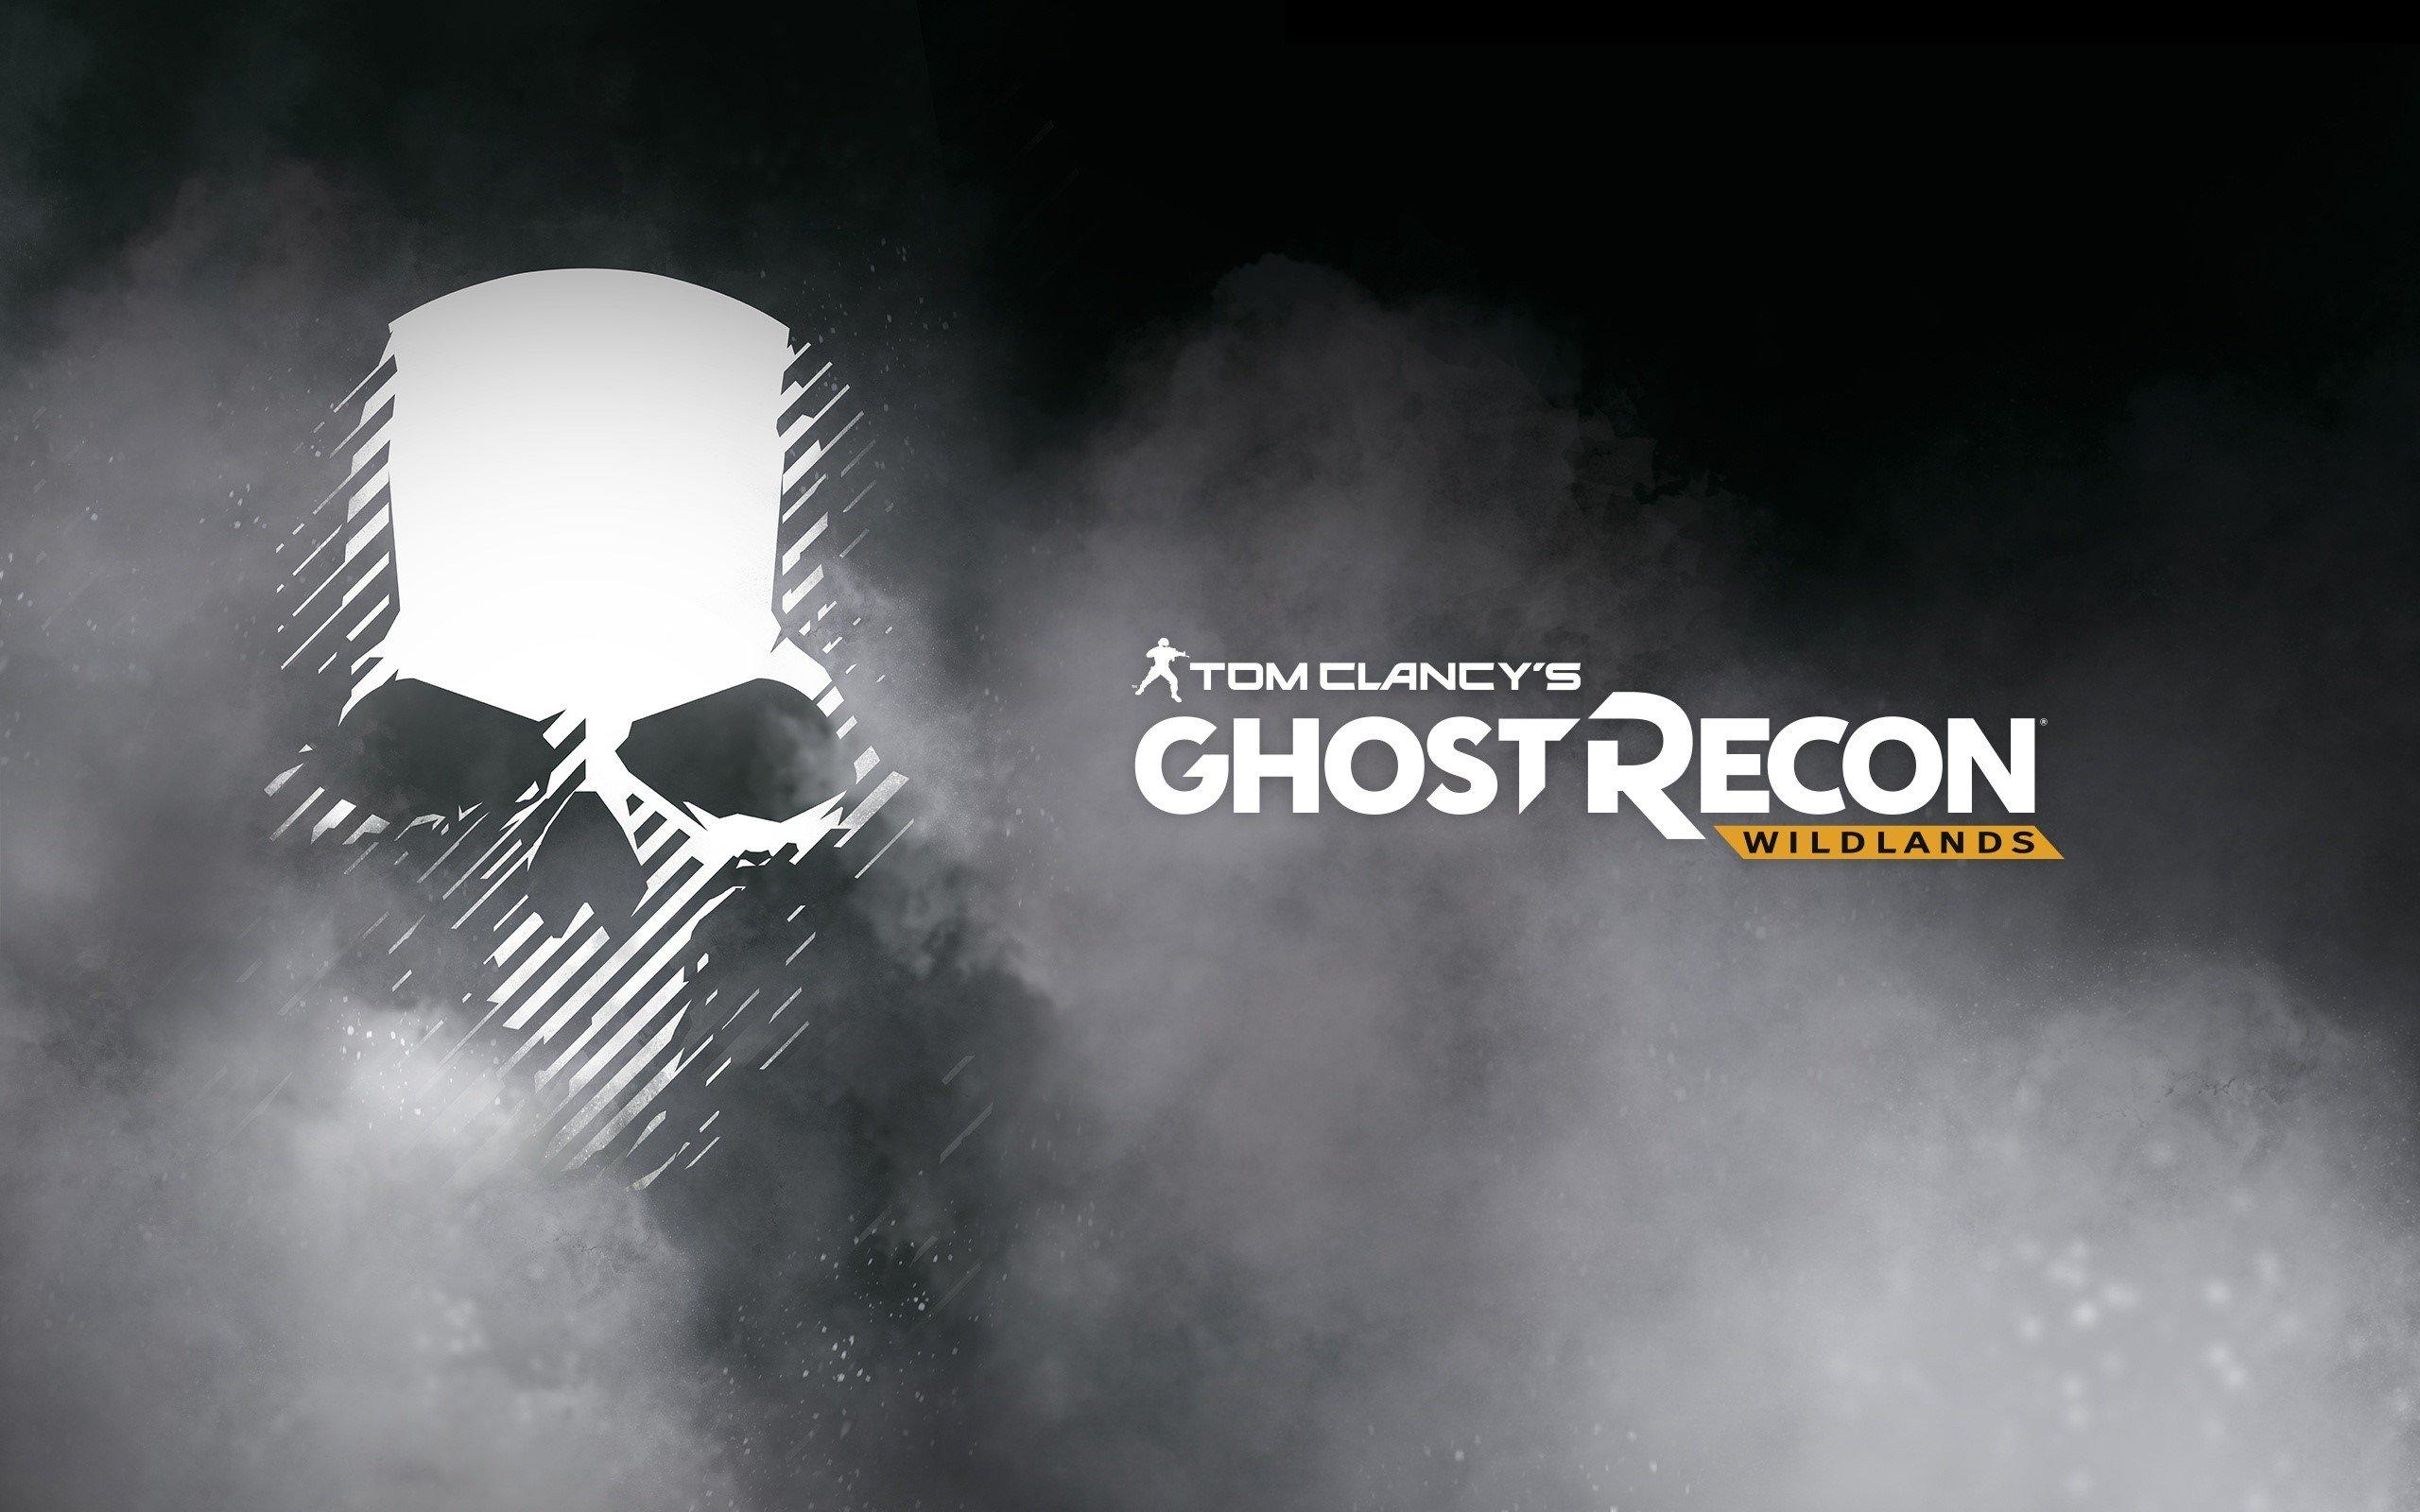 Fondo de pantalla de Juego Tom Clancys Ghost Recon Imágenes